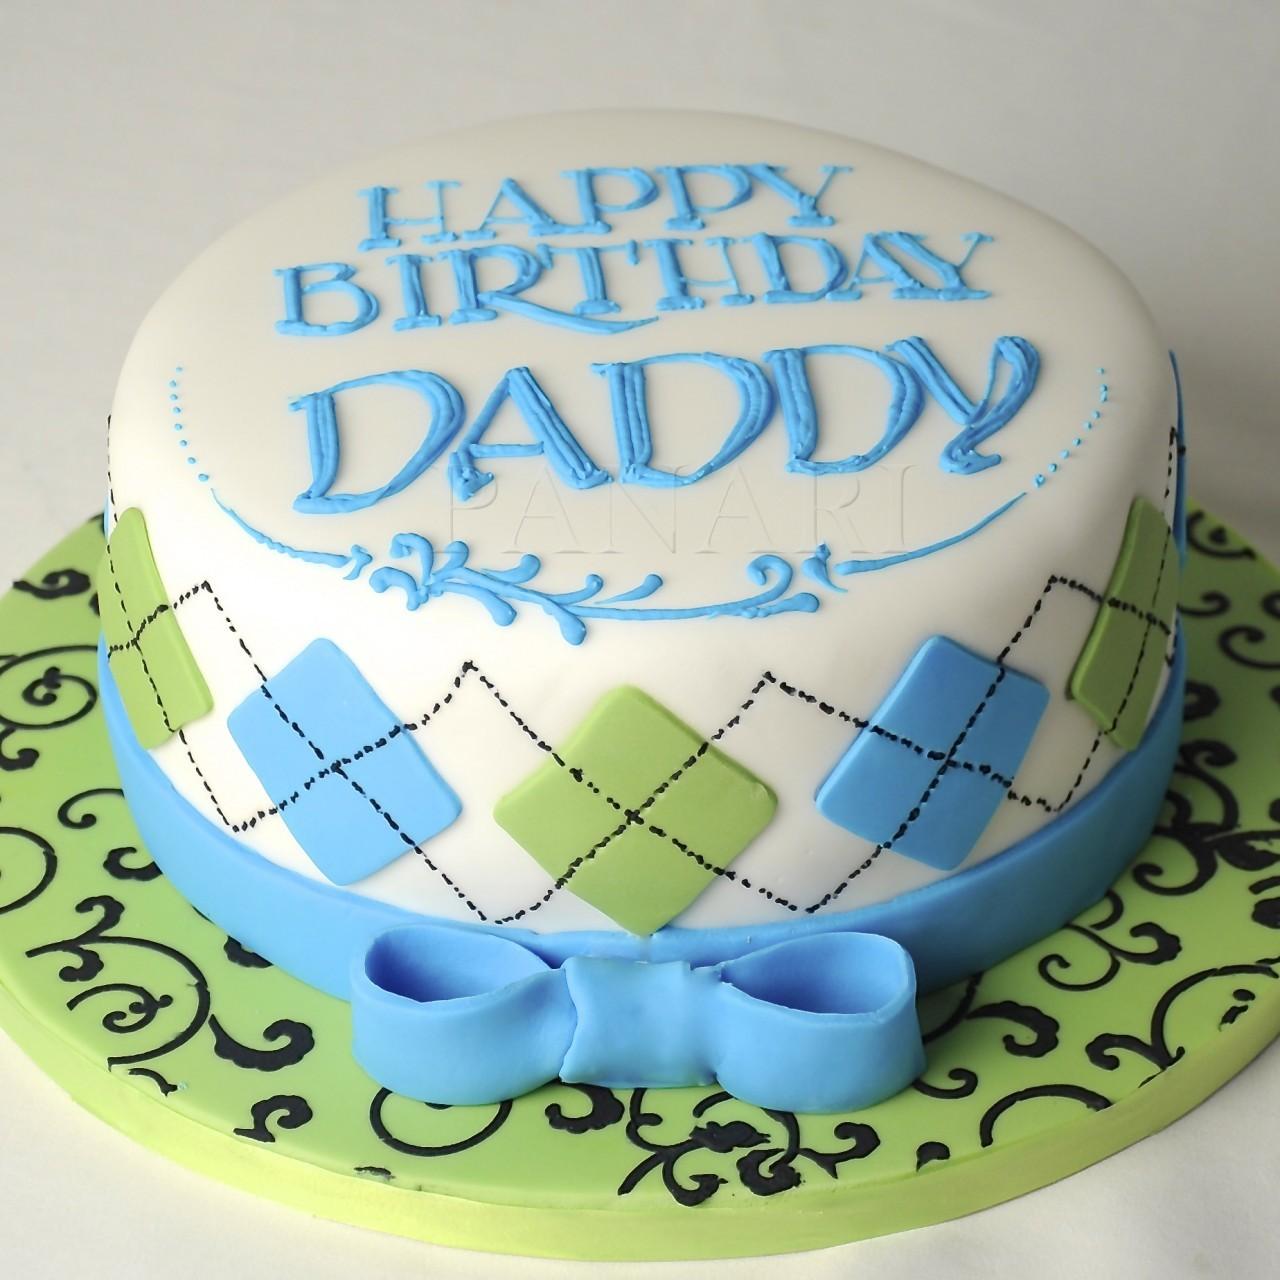 Enjoyable 12 22 Cakes For Guys Birthdays Photo Happy Birthday Cake Men Funny Birthday Cards Online Fluifree Goldxyz